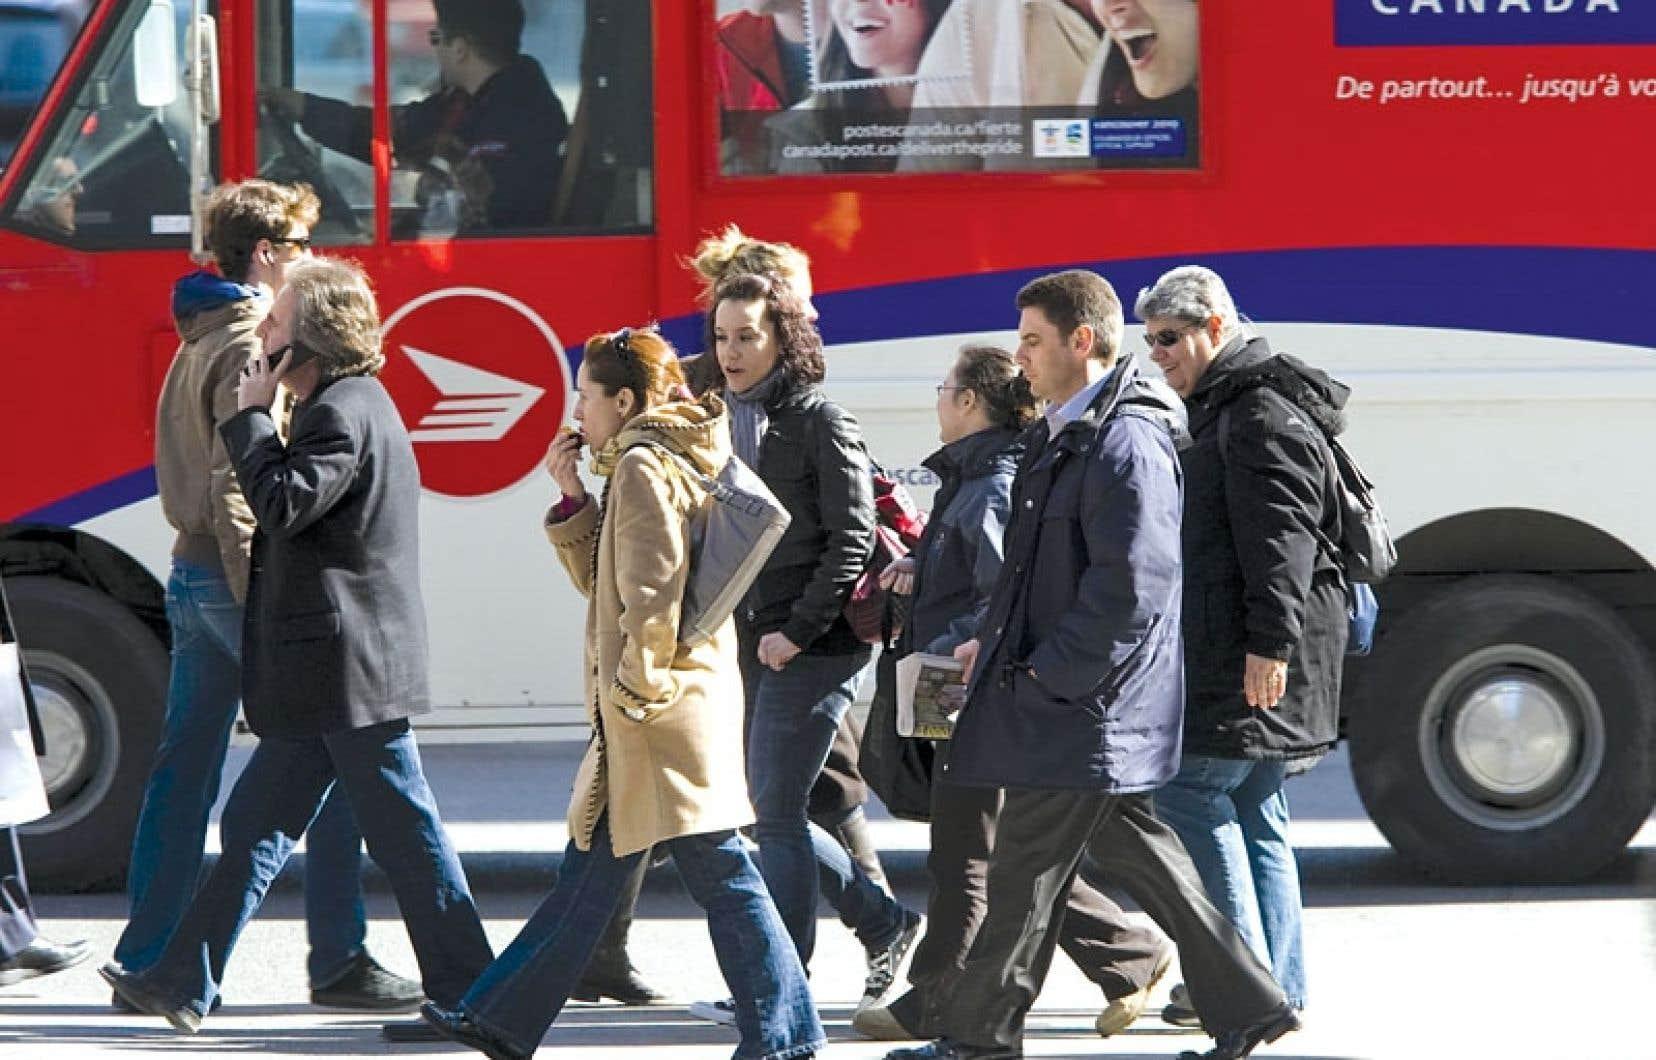 Ottawa avait fait adopter la loi de retour au travail le 25 juin 2011, deux semaines après que Postes Canada eut mis en lockout ses employés, qui avaient entrepris une série de grèves tournantes.